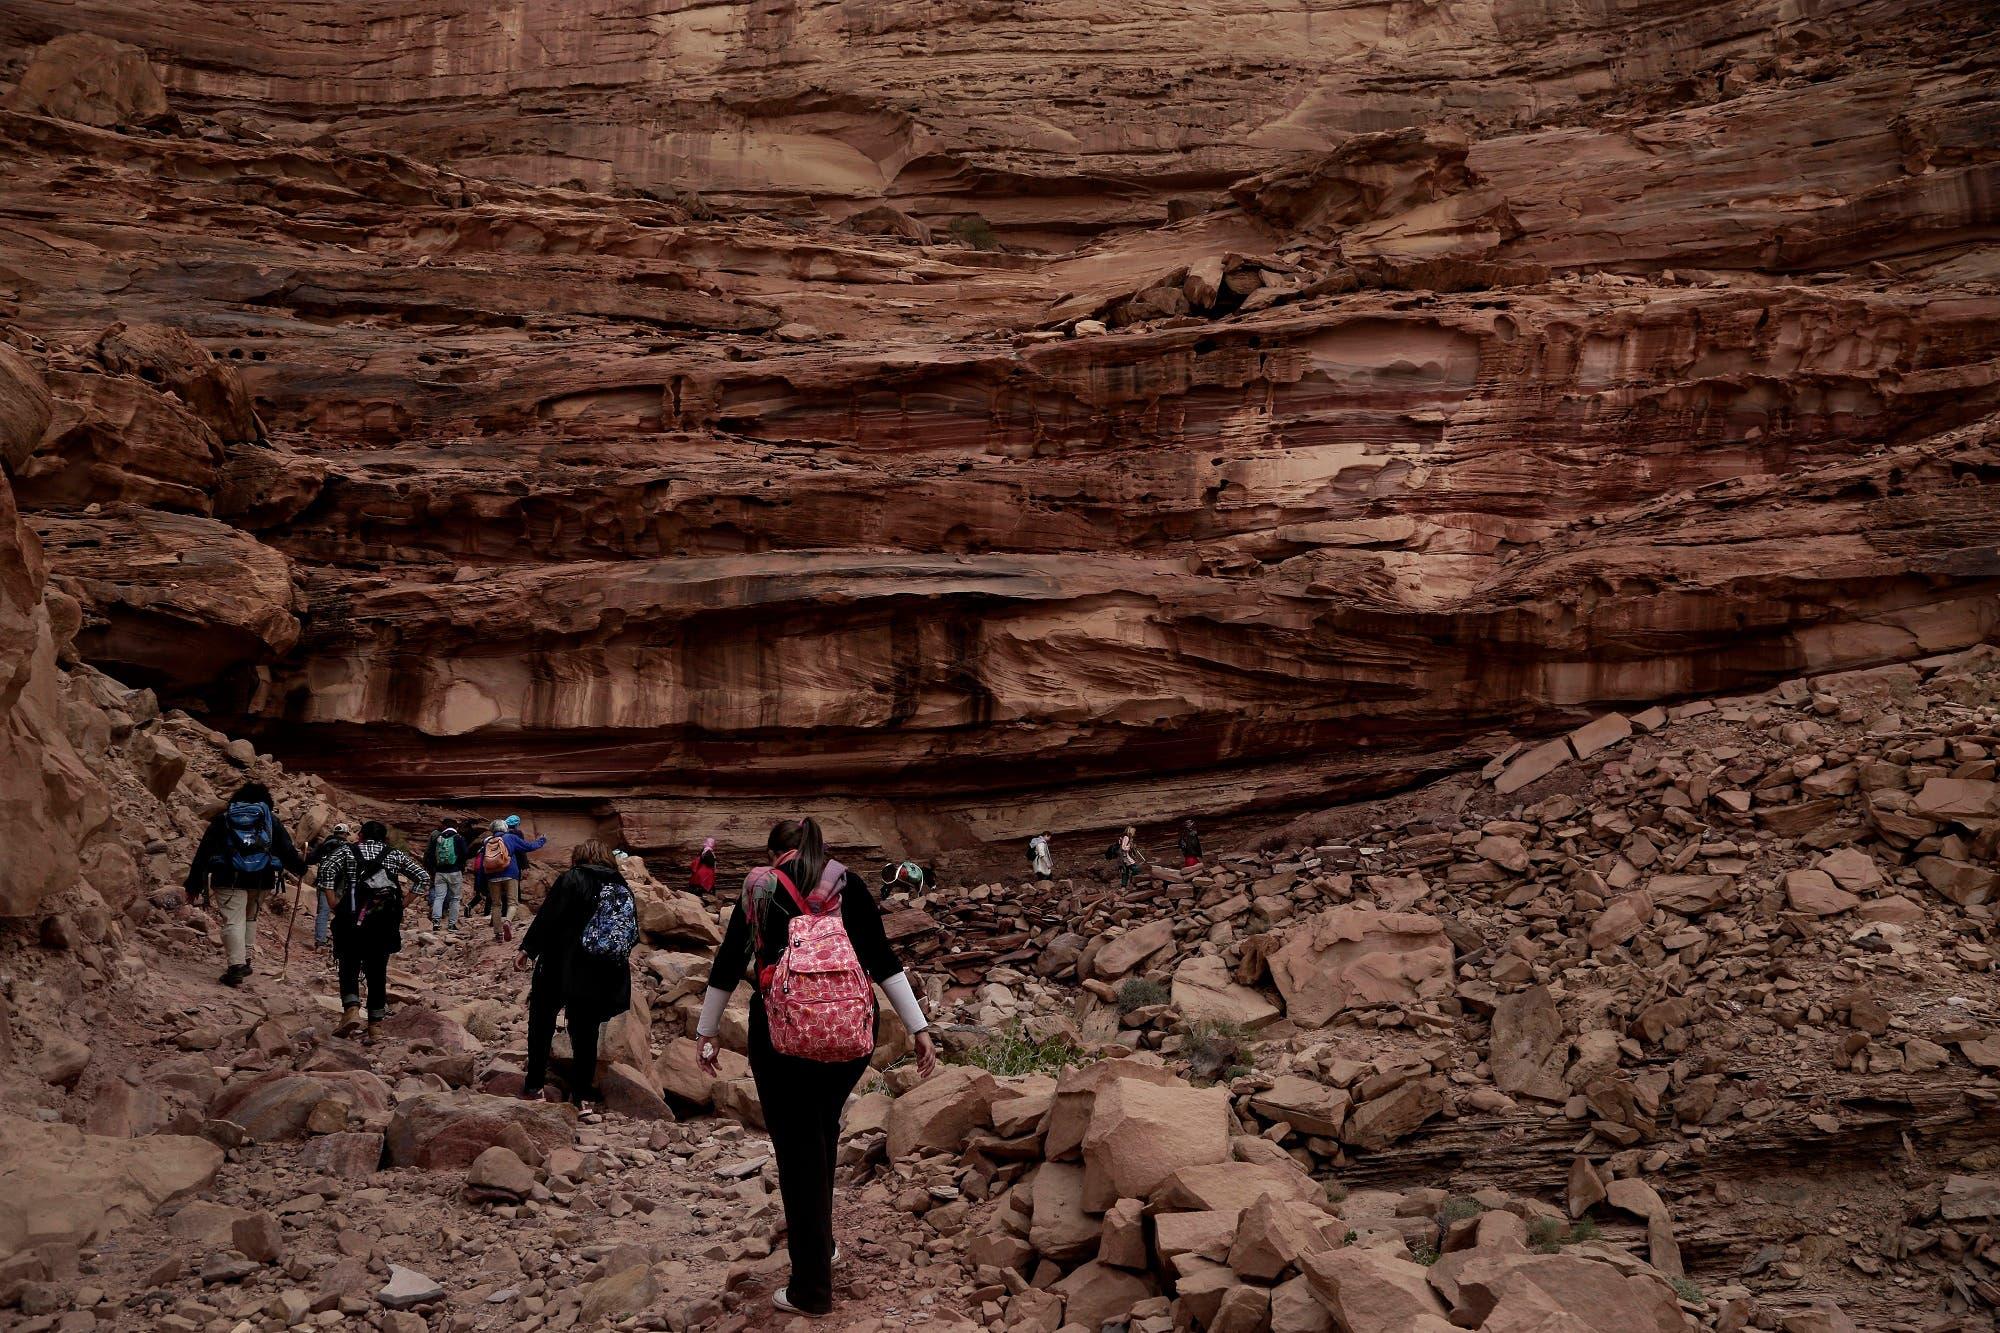 Bedouin women Egypt - AP